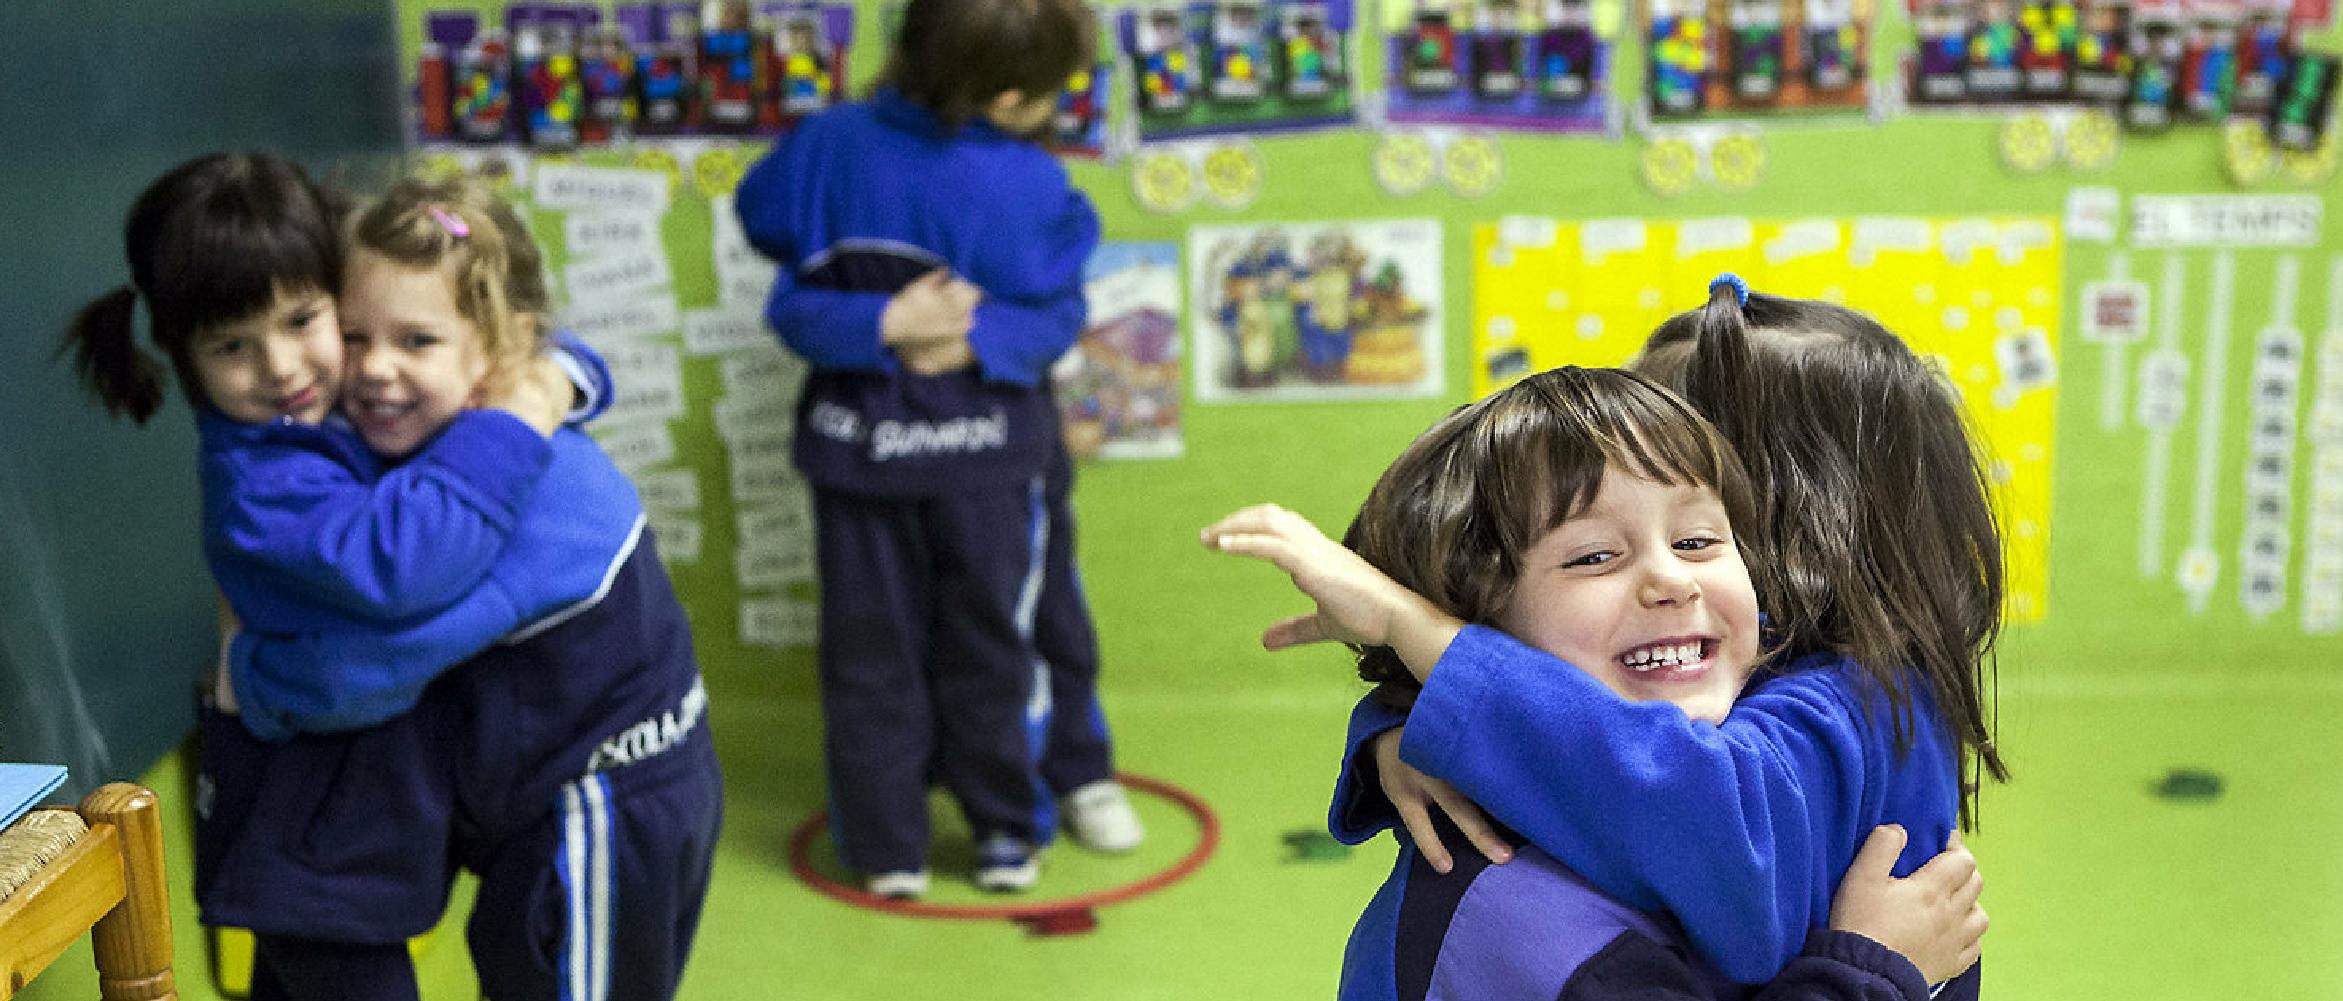 Creen a Catalunya la primera càtedra universitària del món en neuroeducació